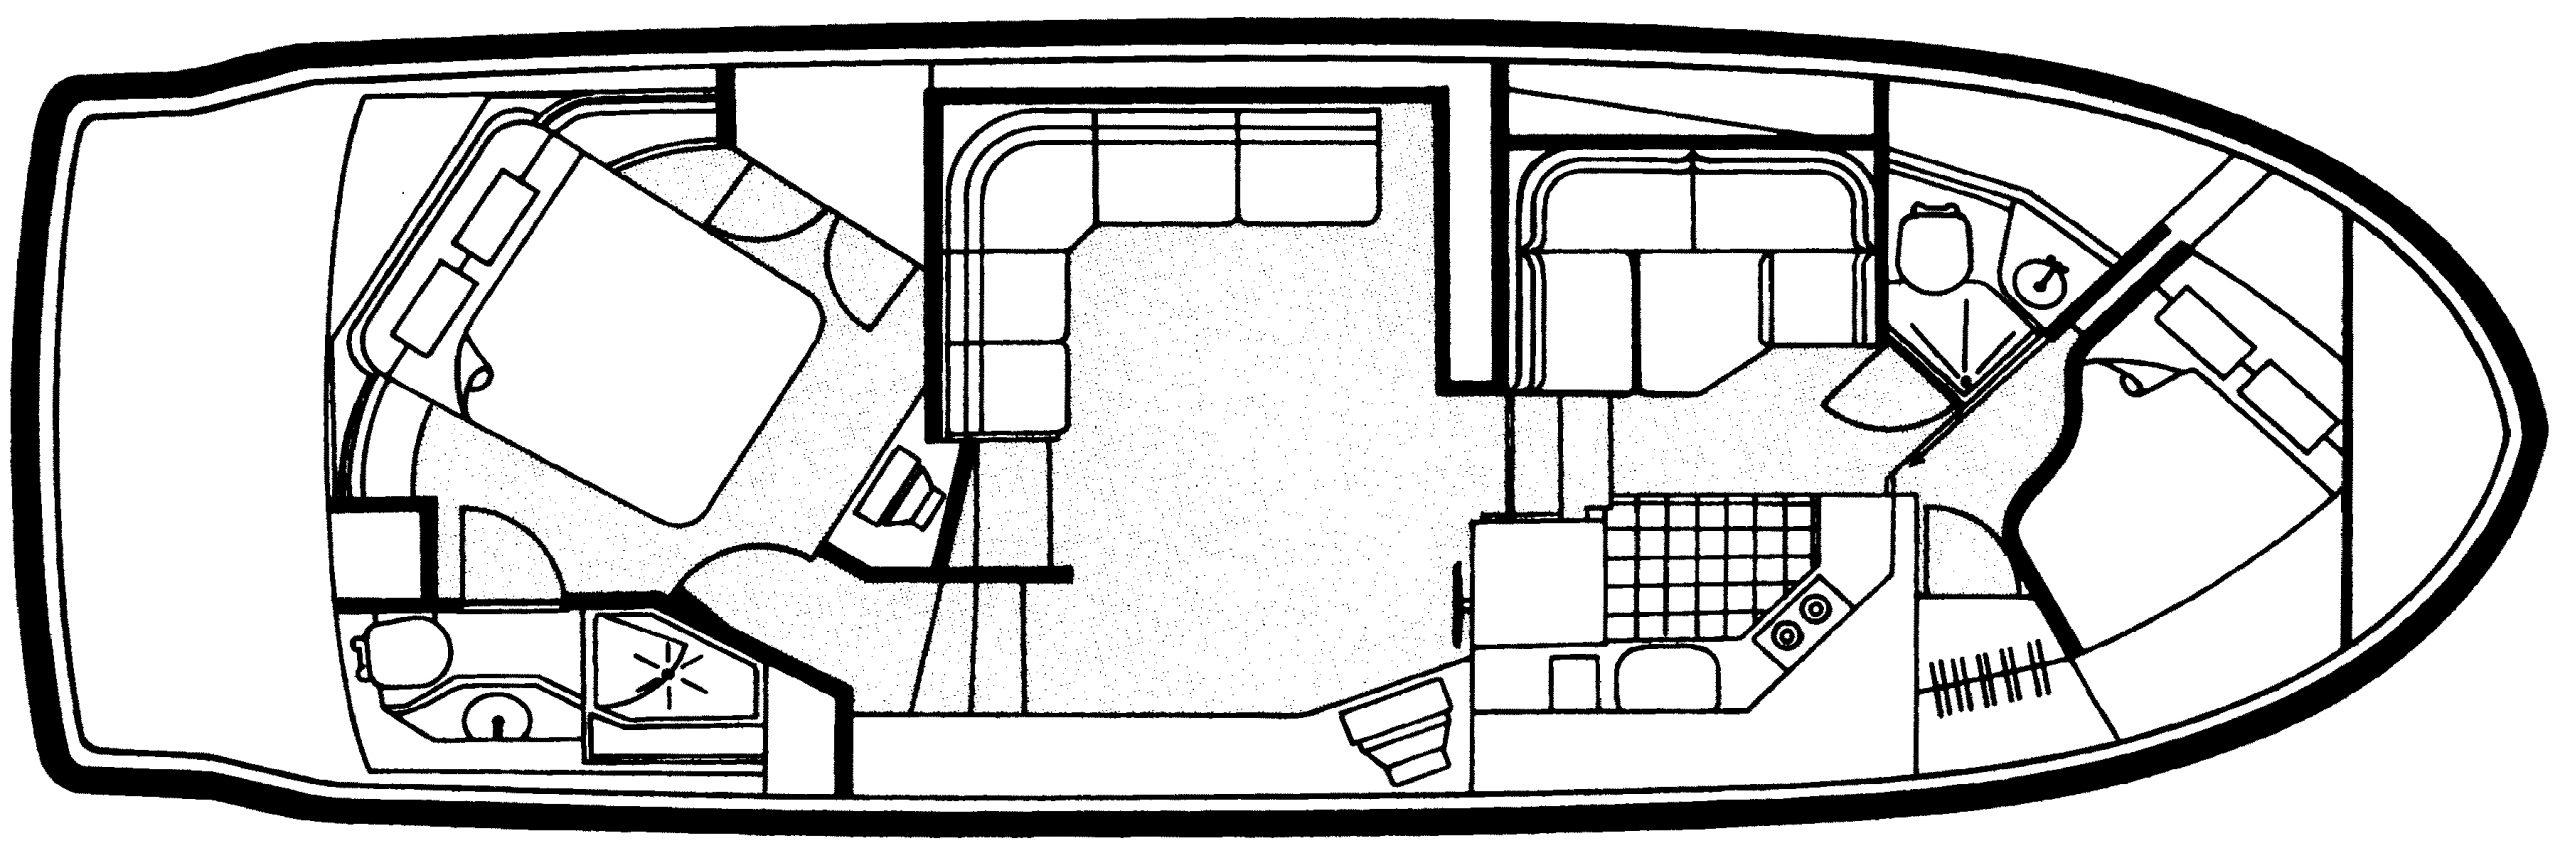 405-406 Aft Cabin Floor Plan 1